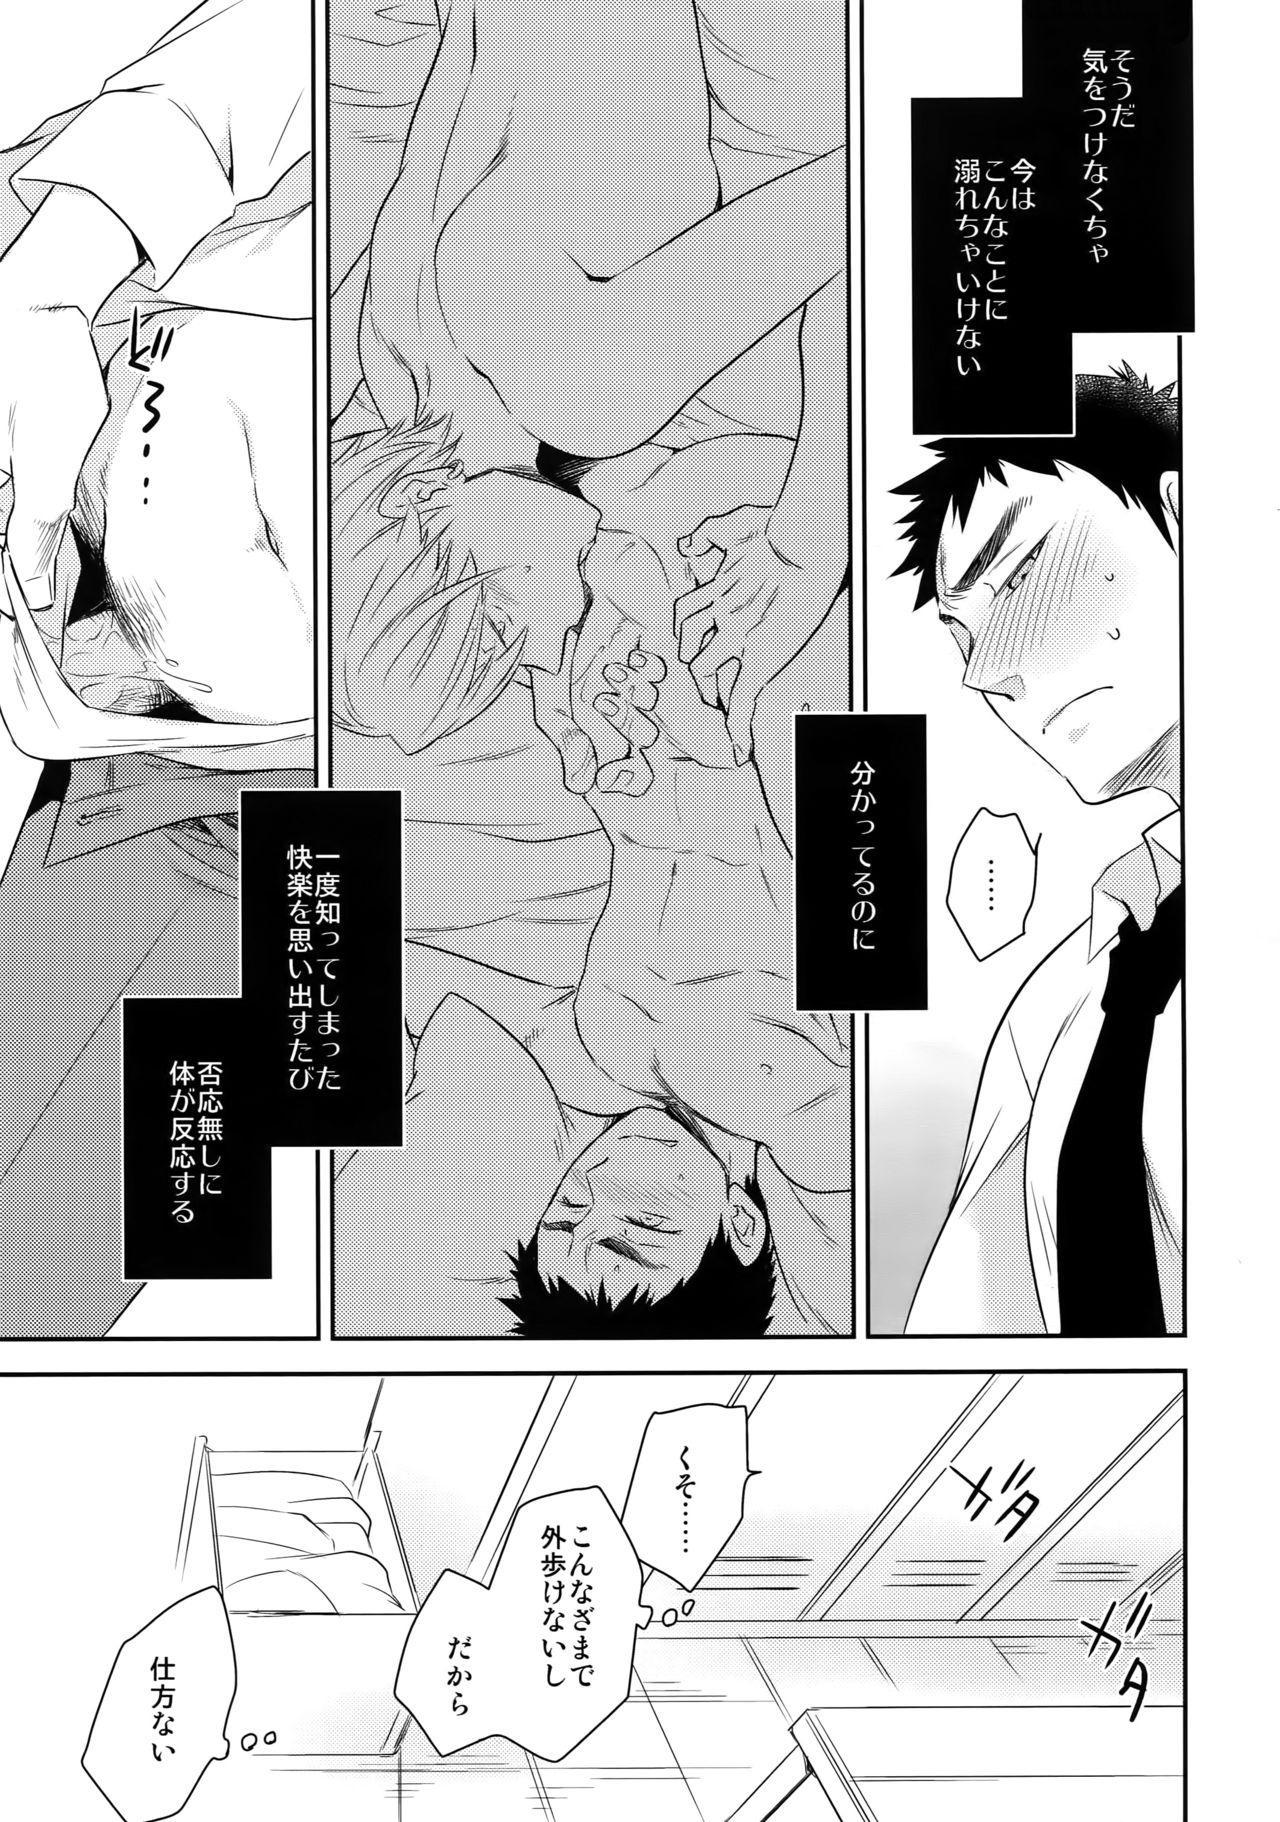 [Bakuchi Jinsei SP (Satsuki Fumi)] Kanpeki Kareshi to Zettai Ryouiki Ouji-sama - Another Version - (Kuroko no Basket) 91